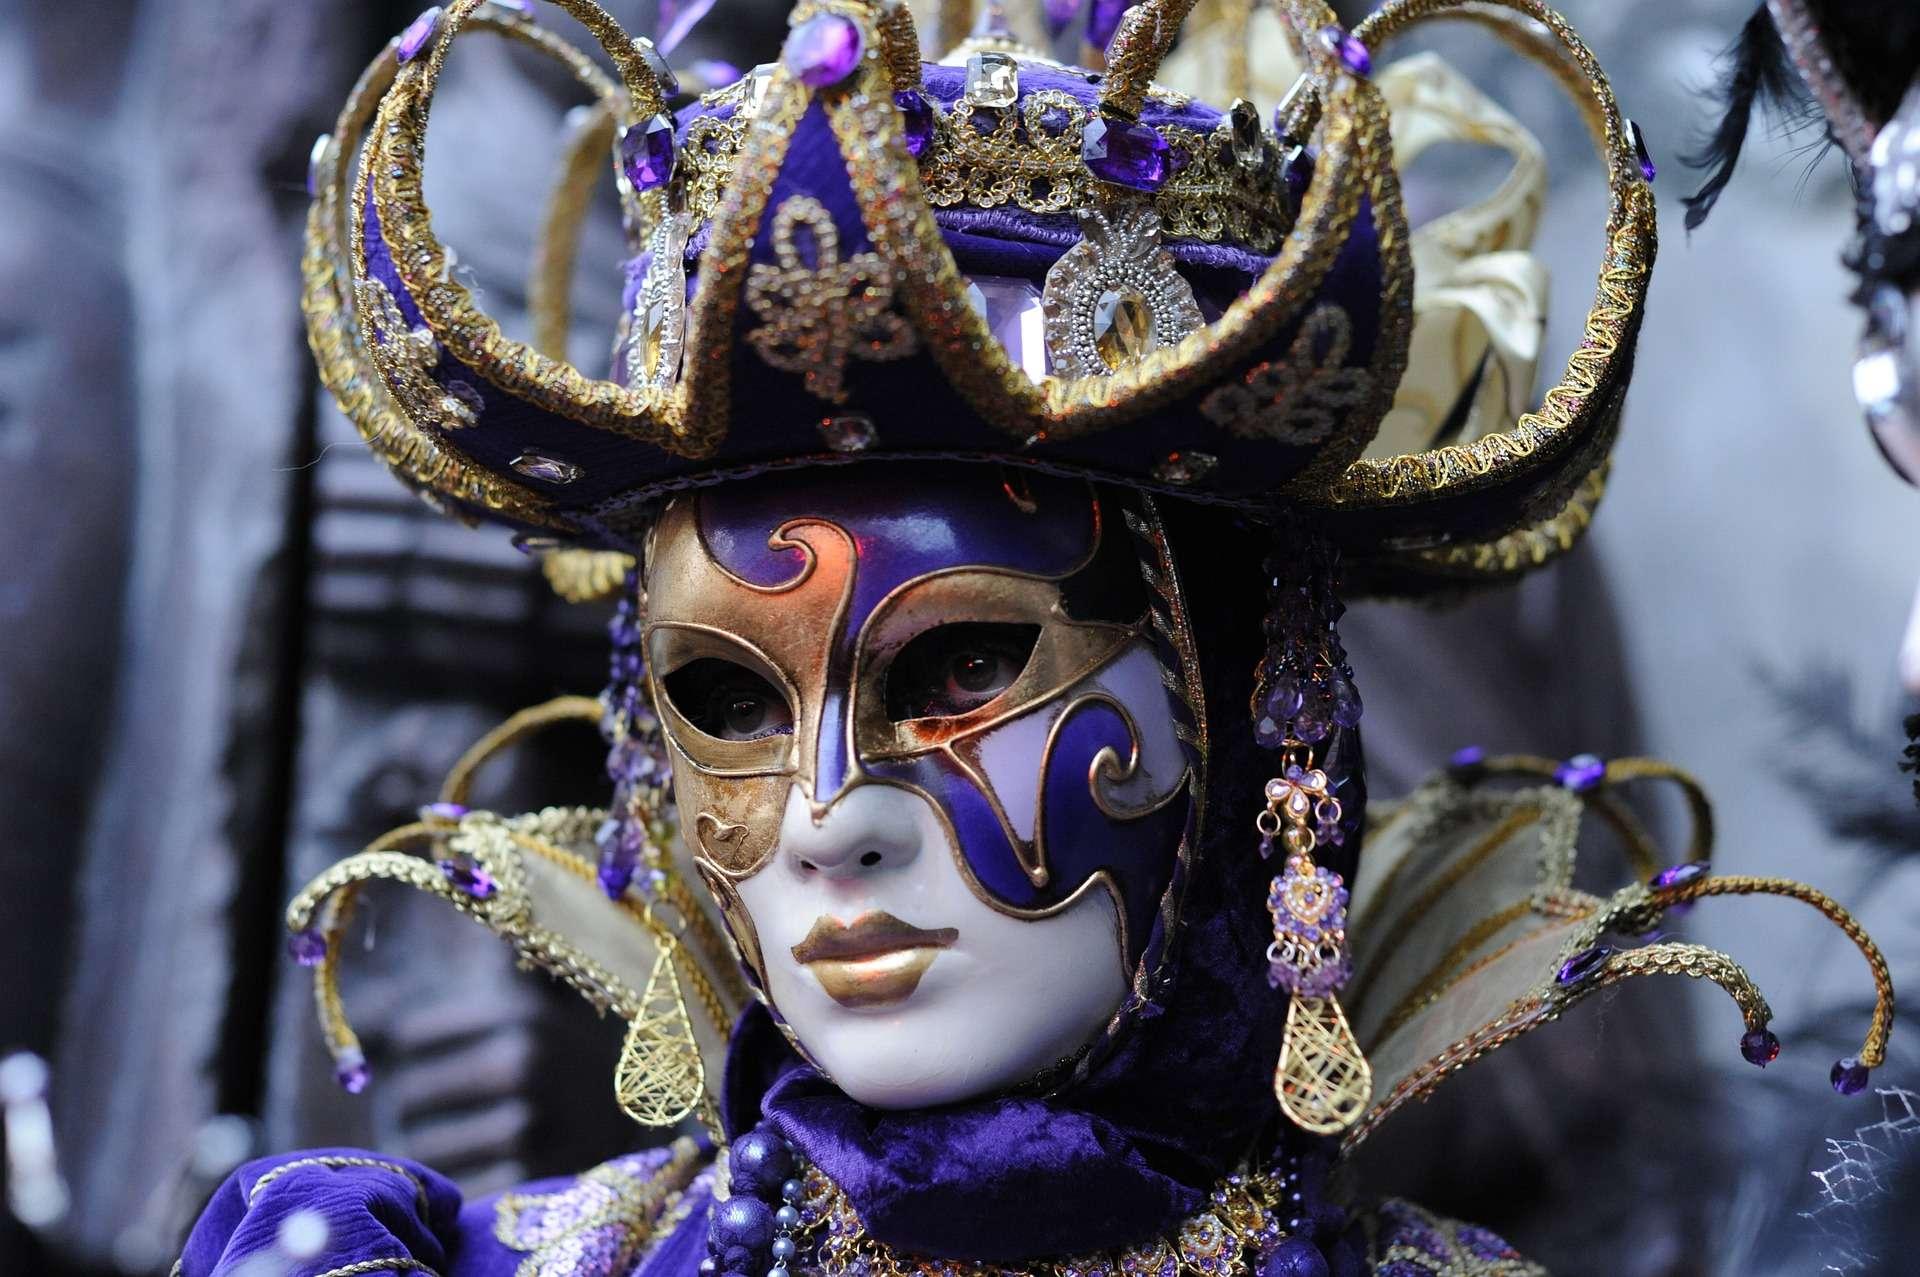 Les Plus Beaux Carnaval D'europe